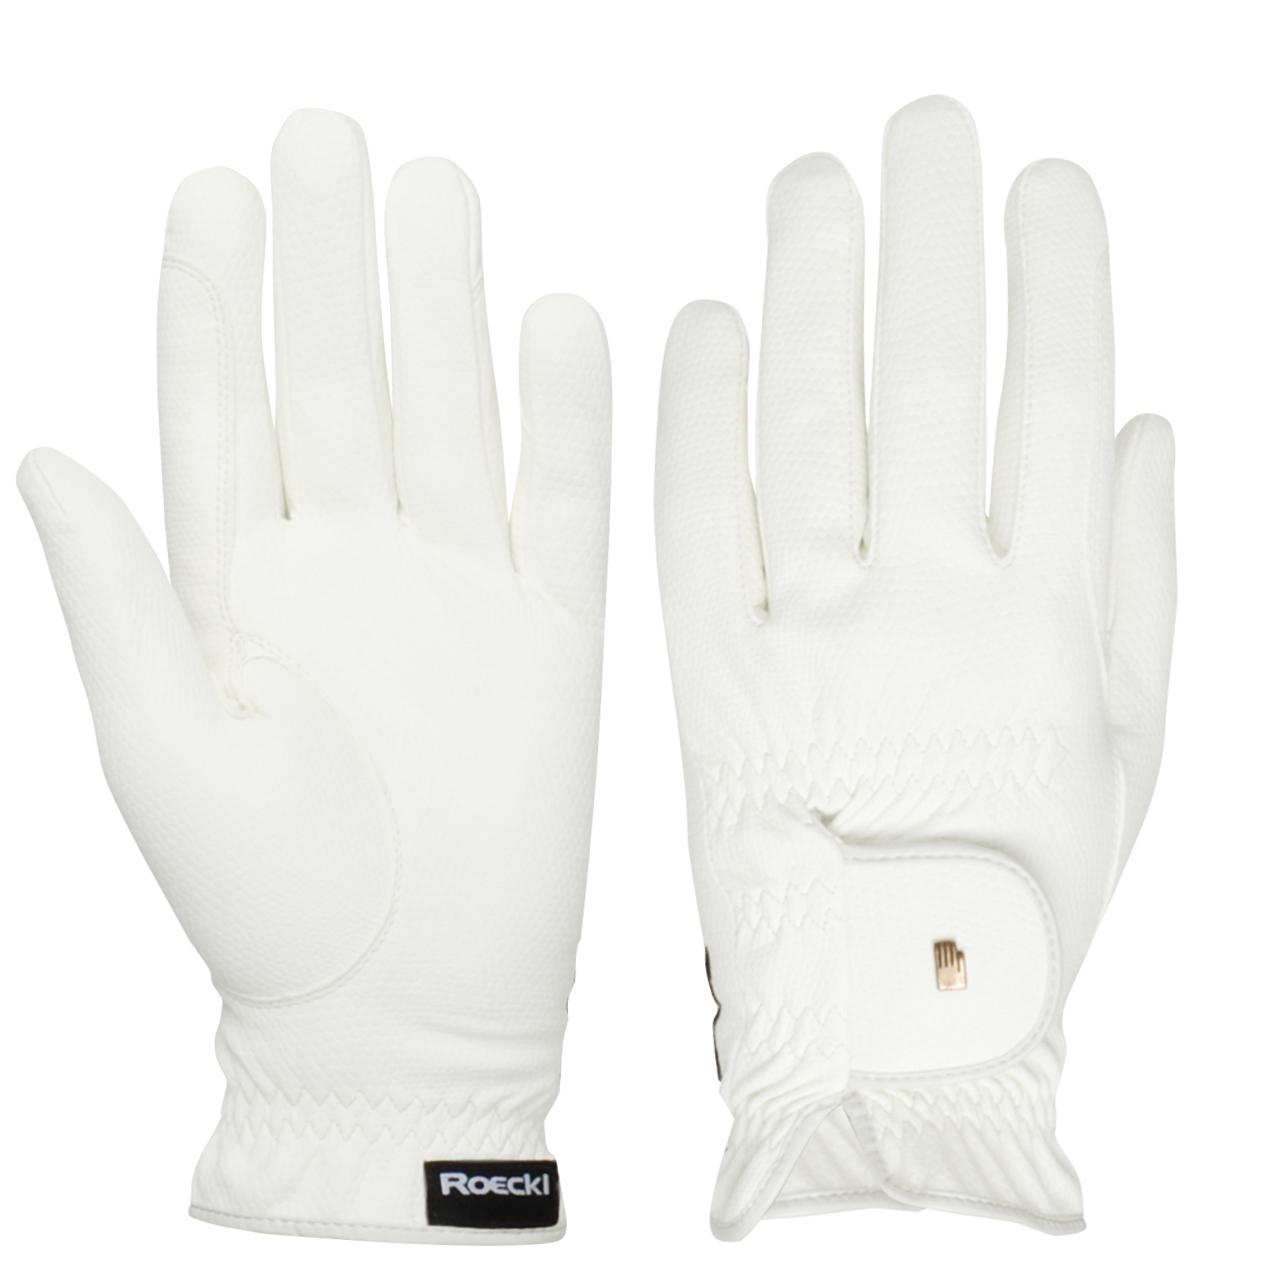 Roeckl Roeck grip Handschoen wit maat:9,5